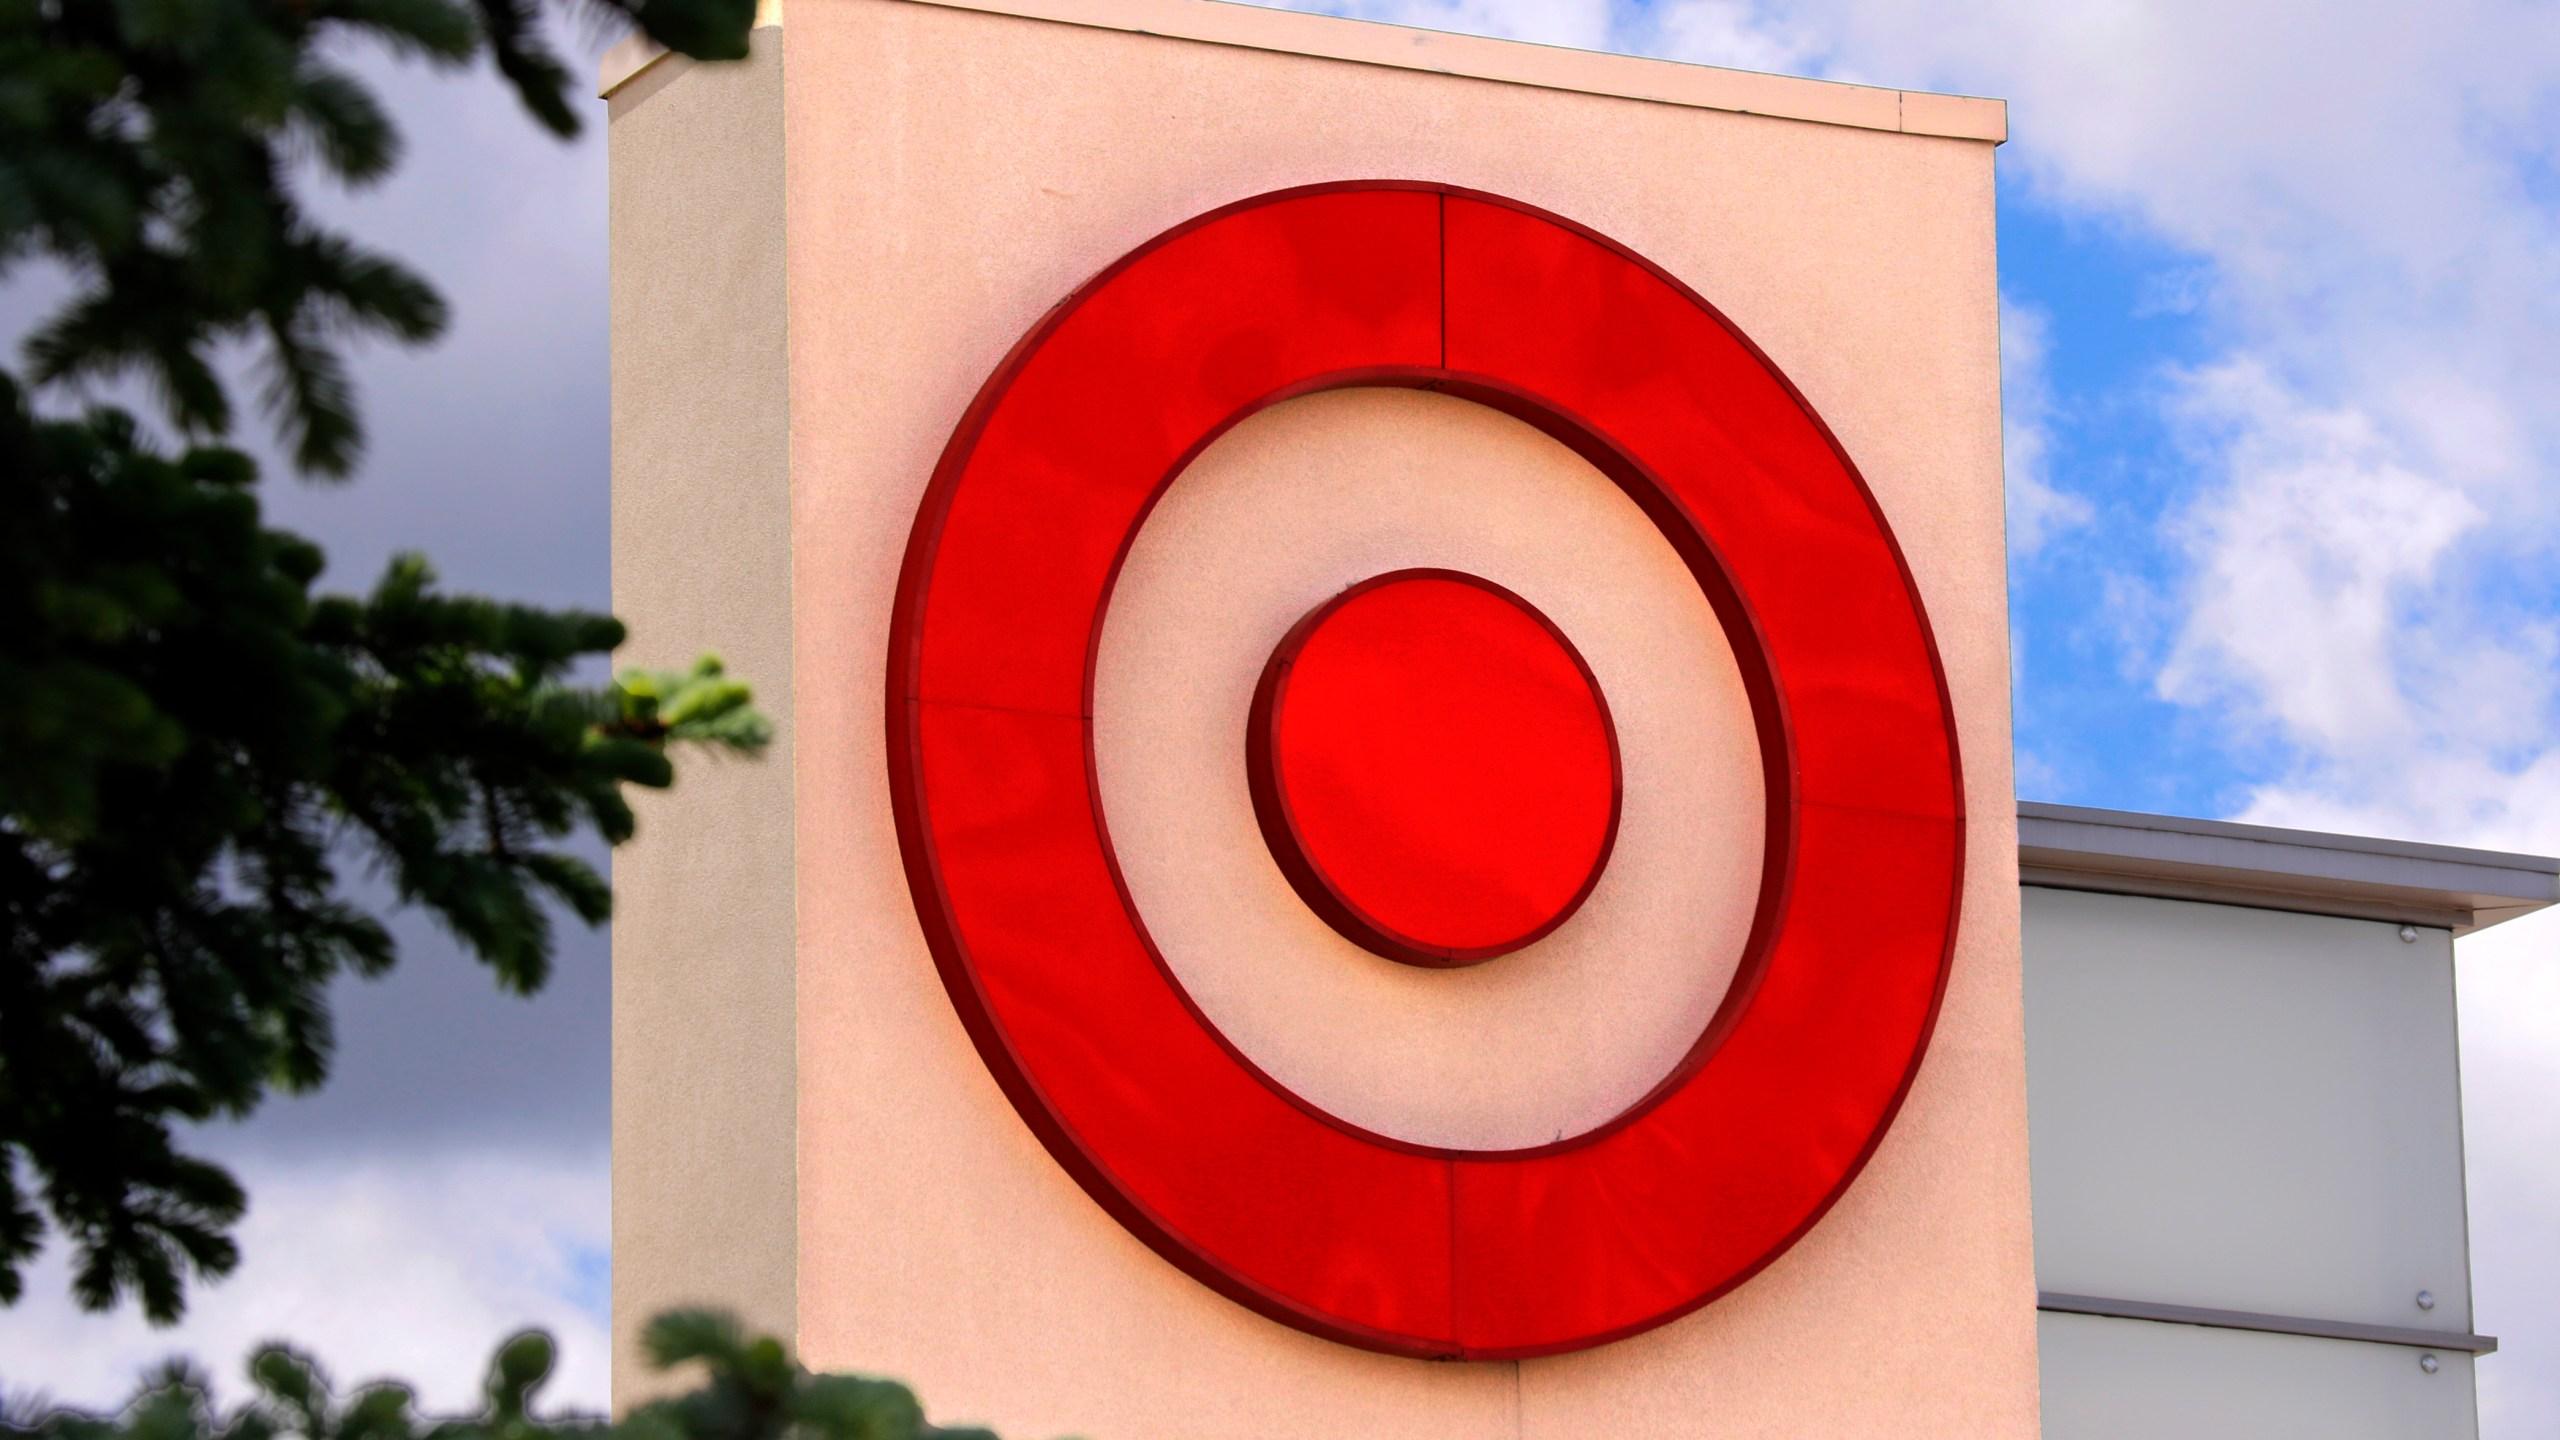 Earns_Target_15242-159532.jpg77732581